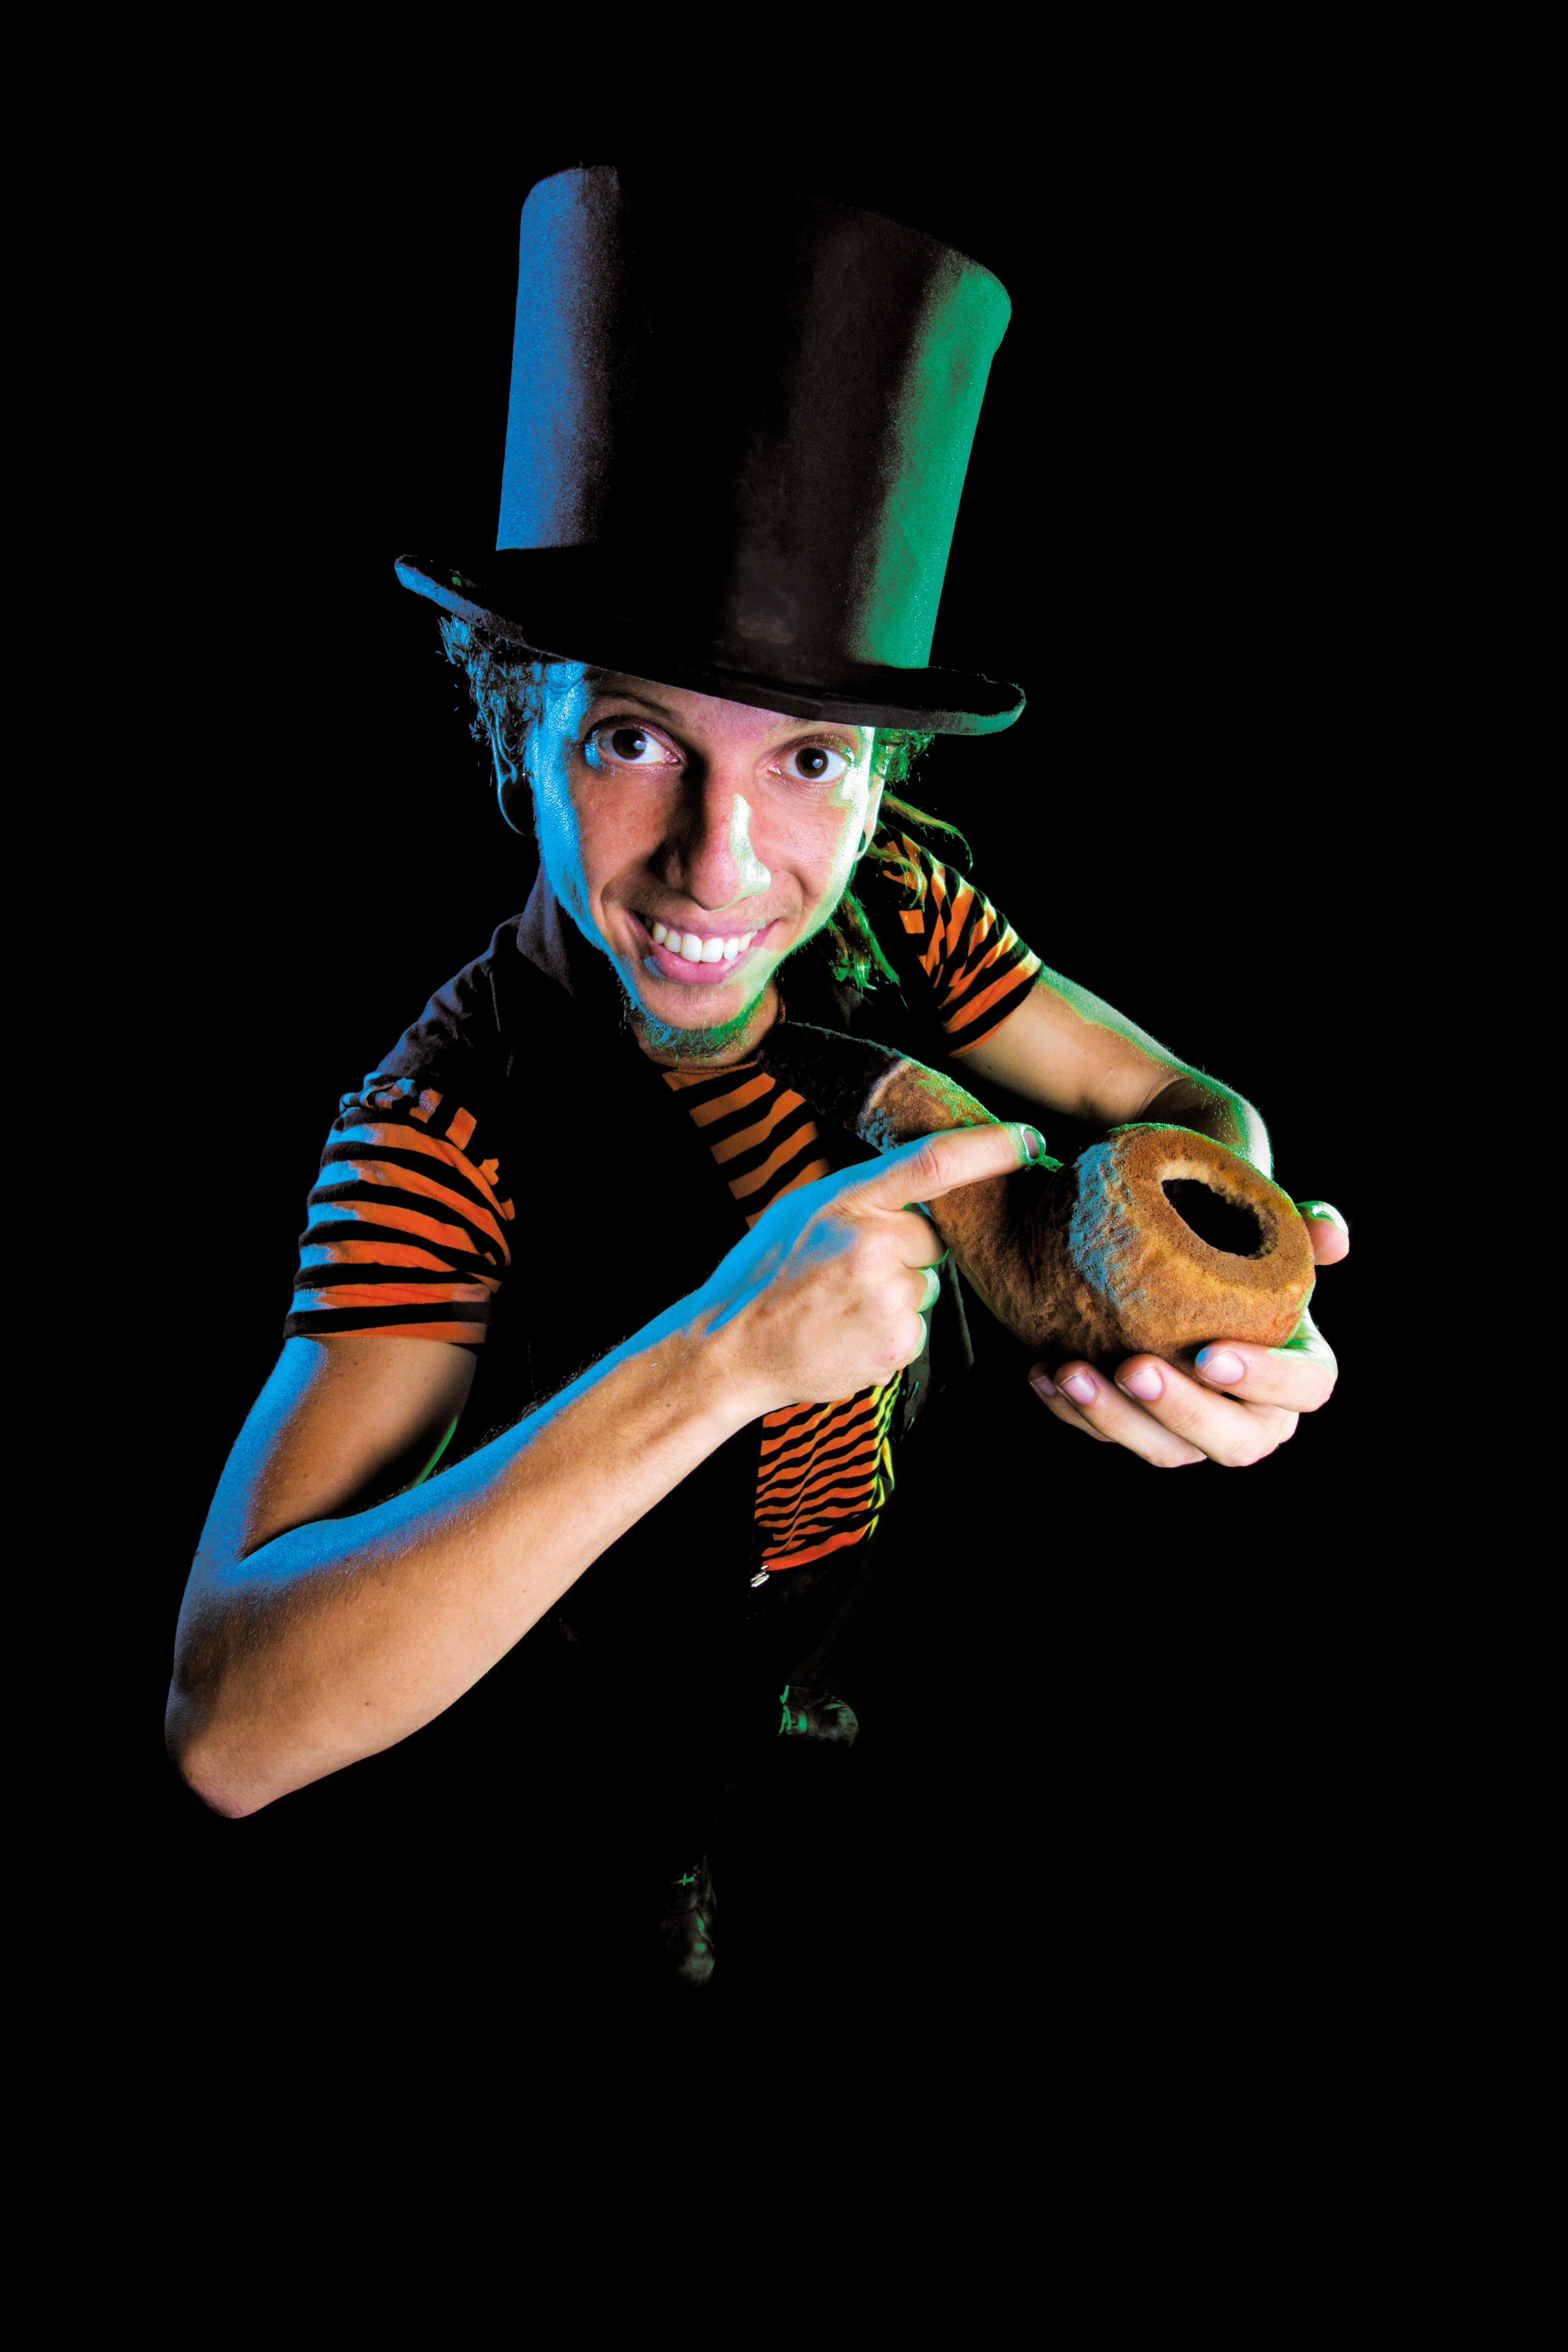 Le magicien brésilien Dan Marques